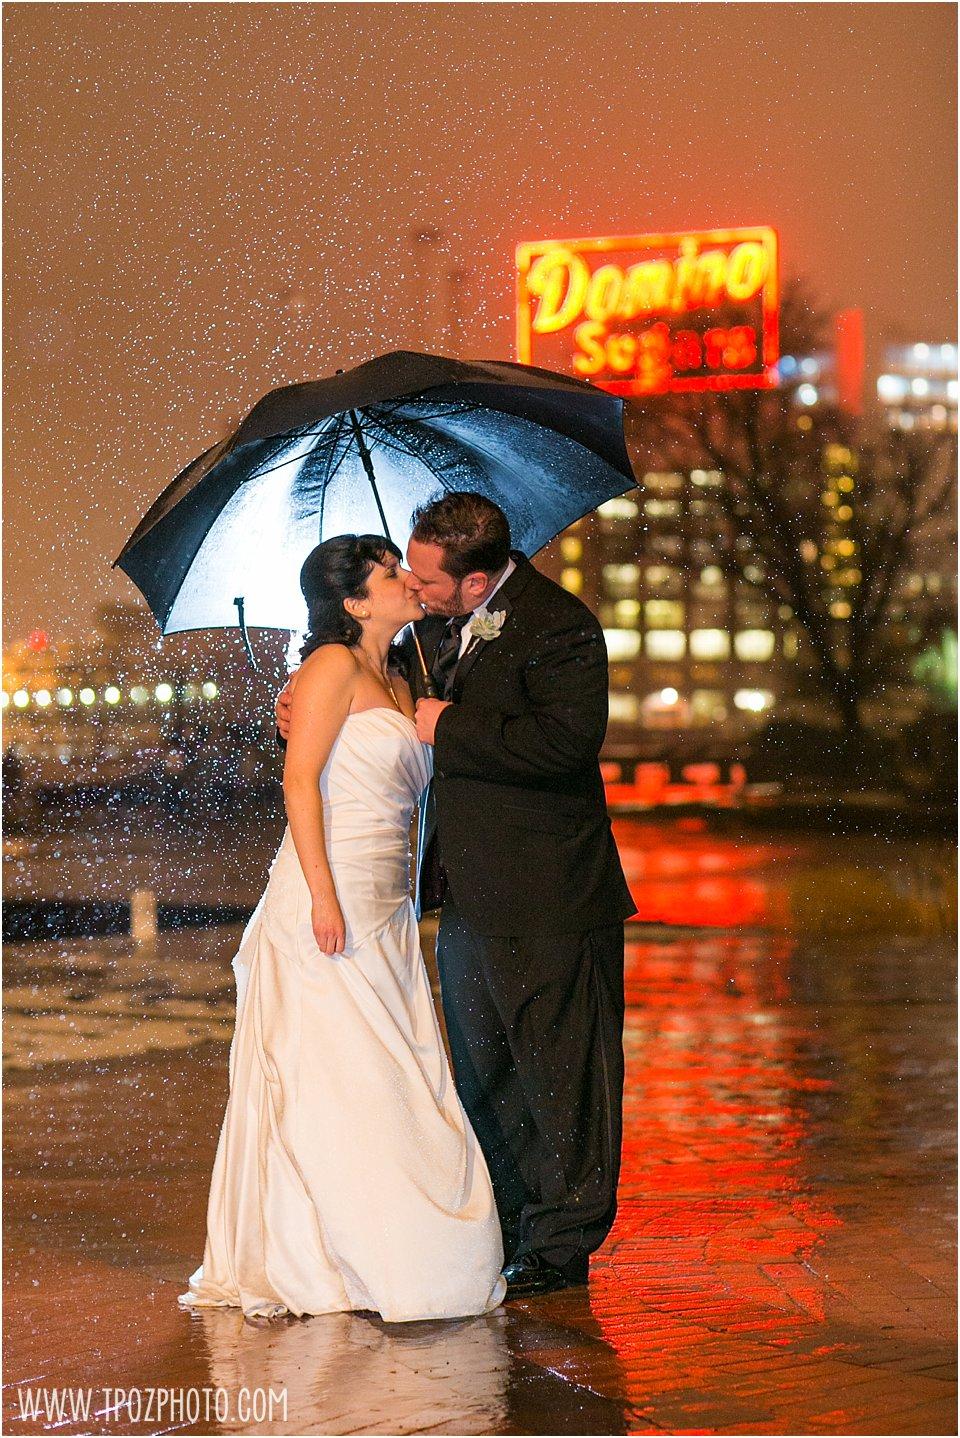 Baltimore Museum of Industry Wedding night rain photo